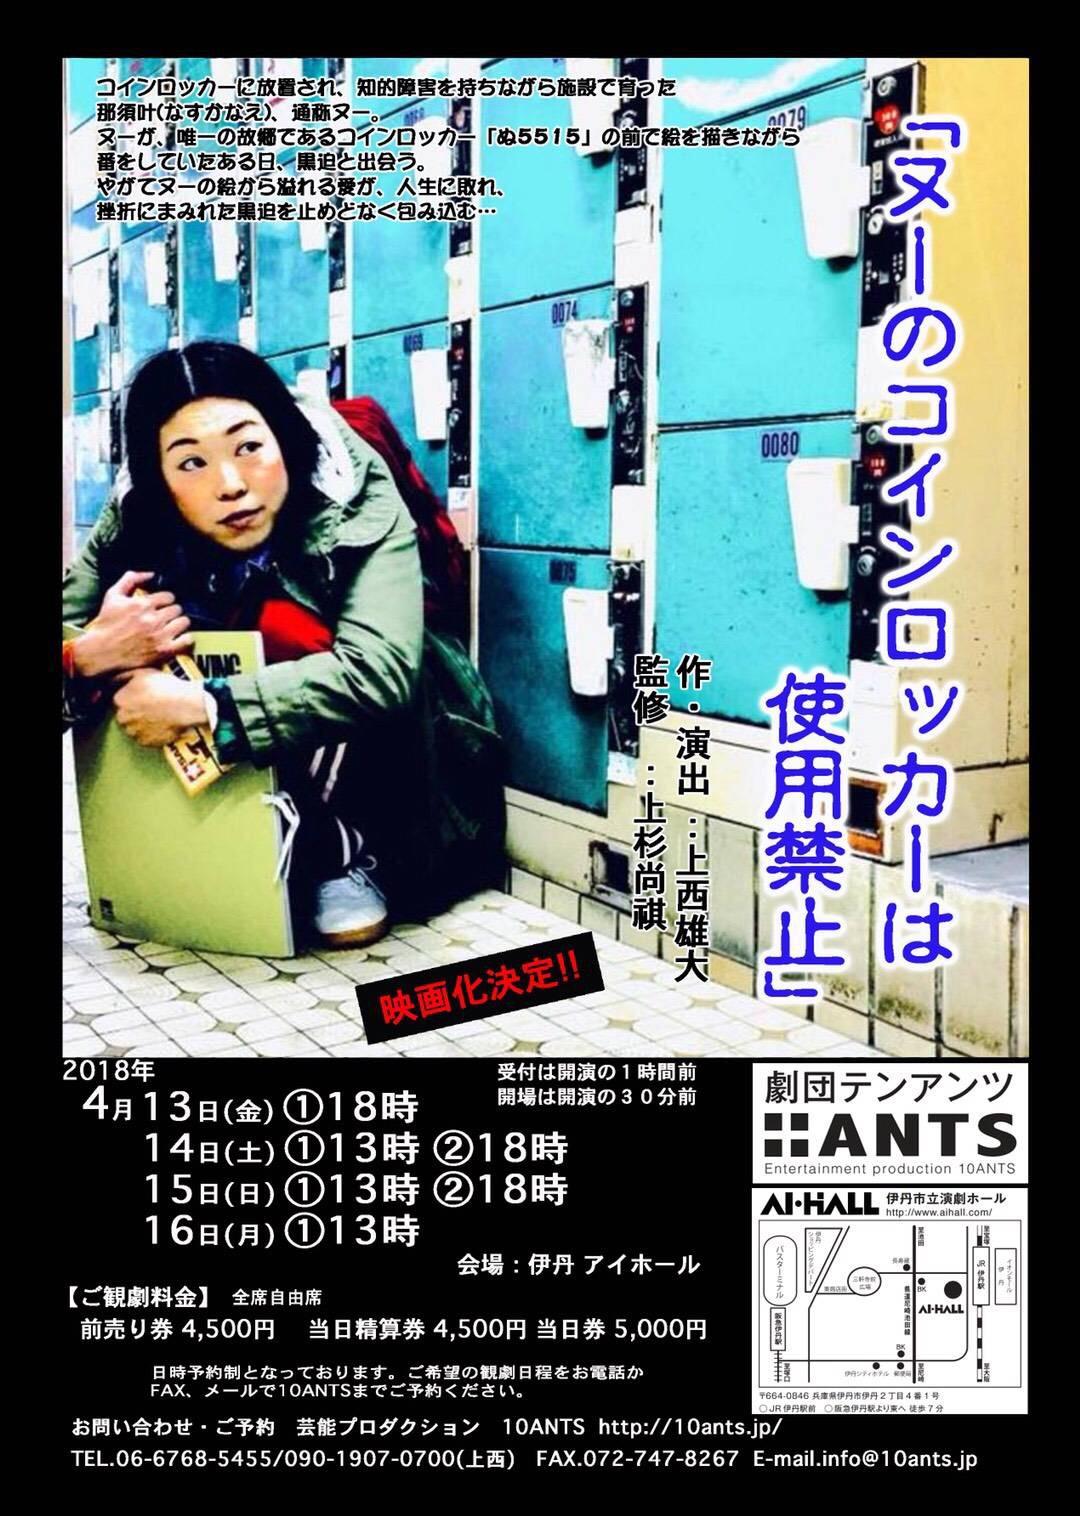 【星川桂出演】劇団テンアンツ 第41回公演『ヌーのコインロッカーは使用禁止』情報